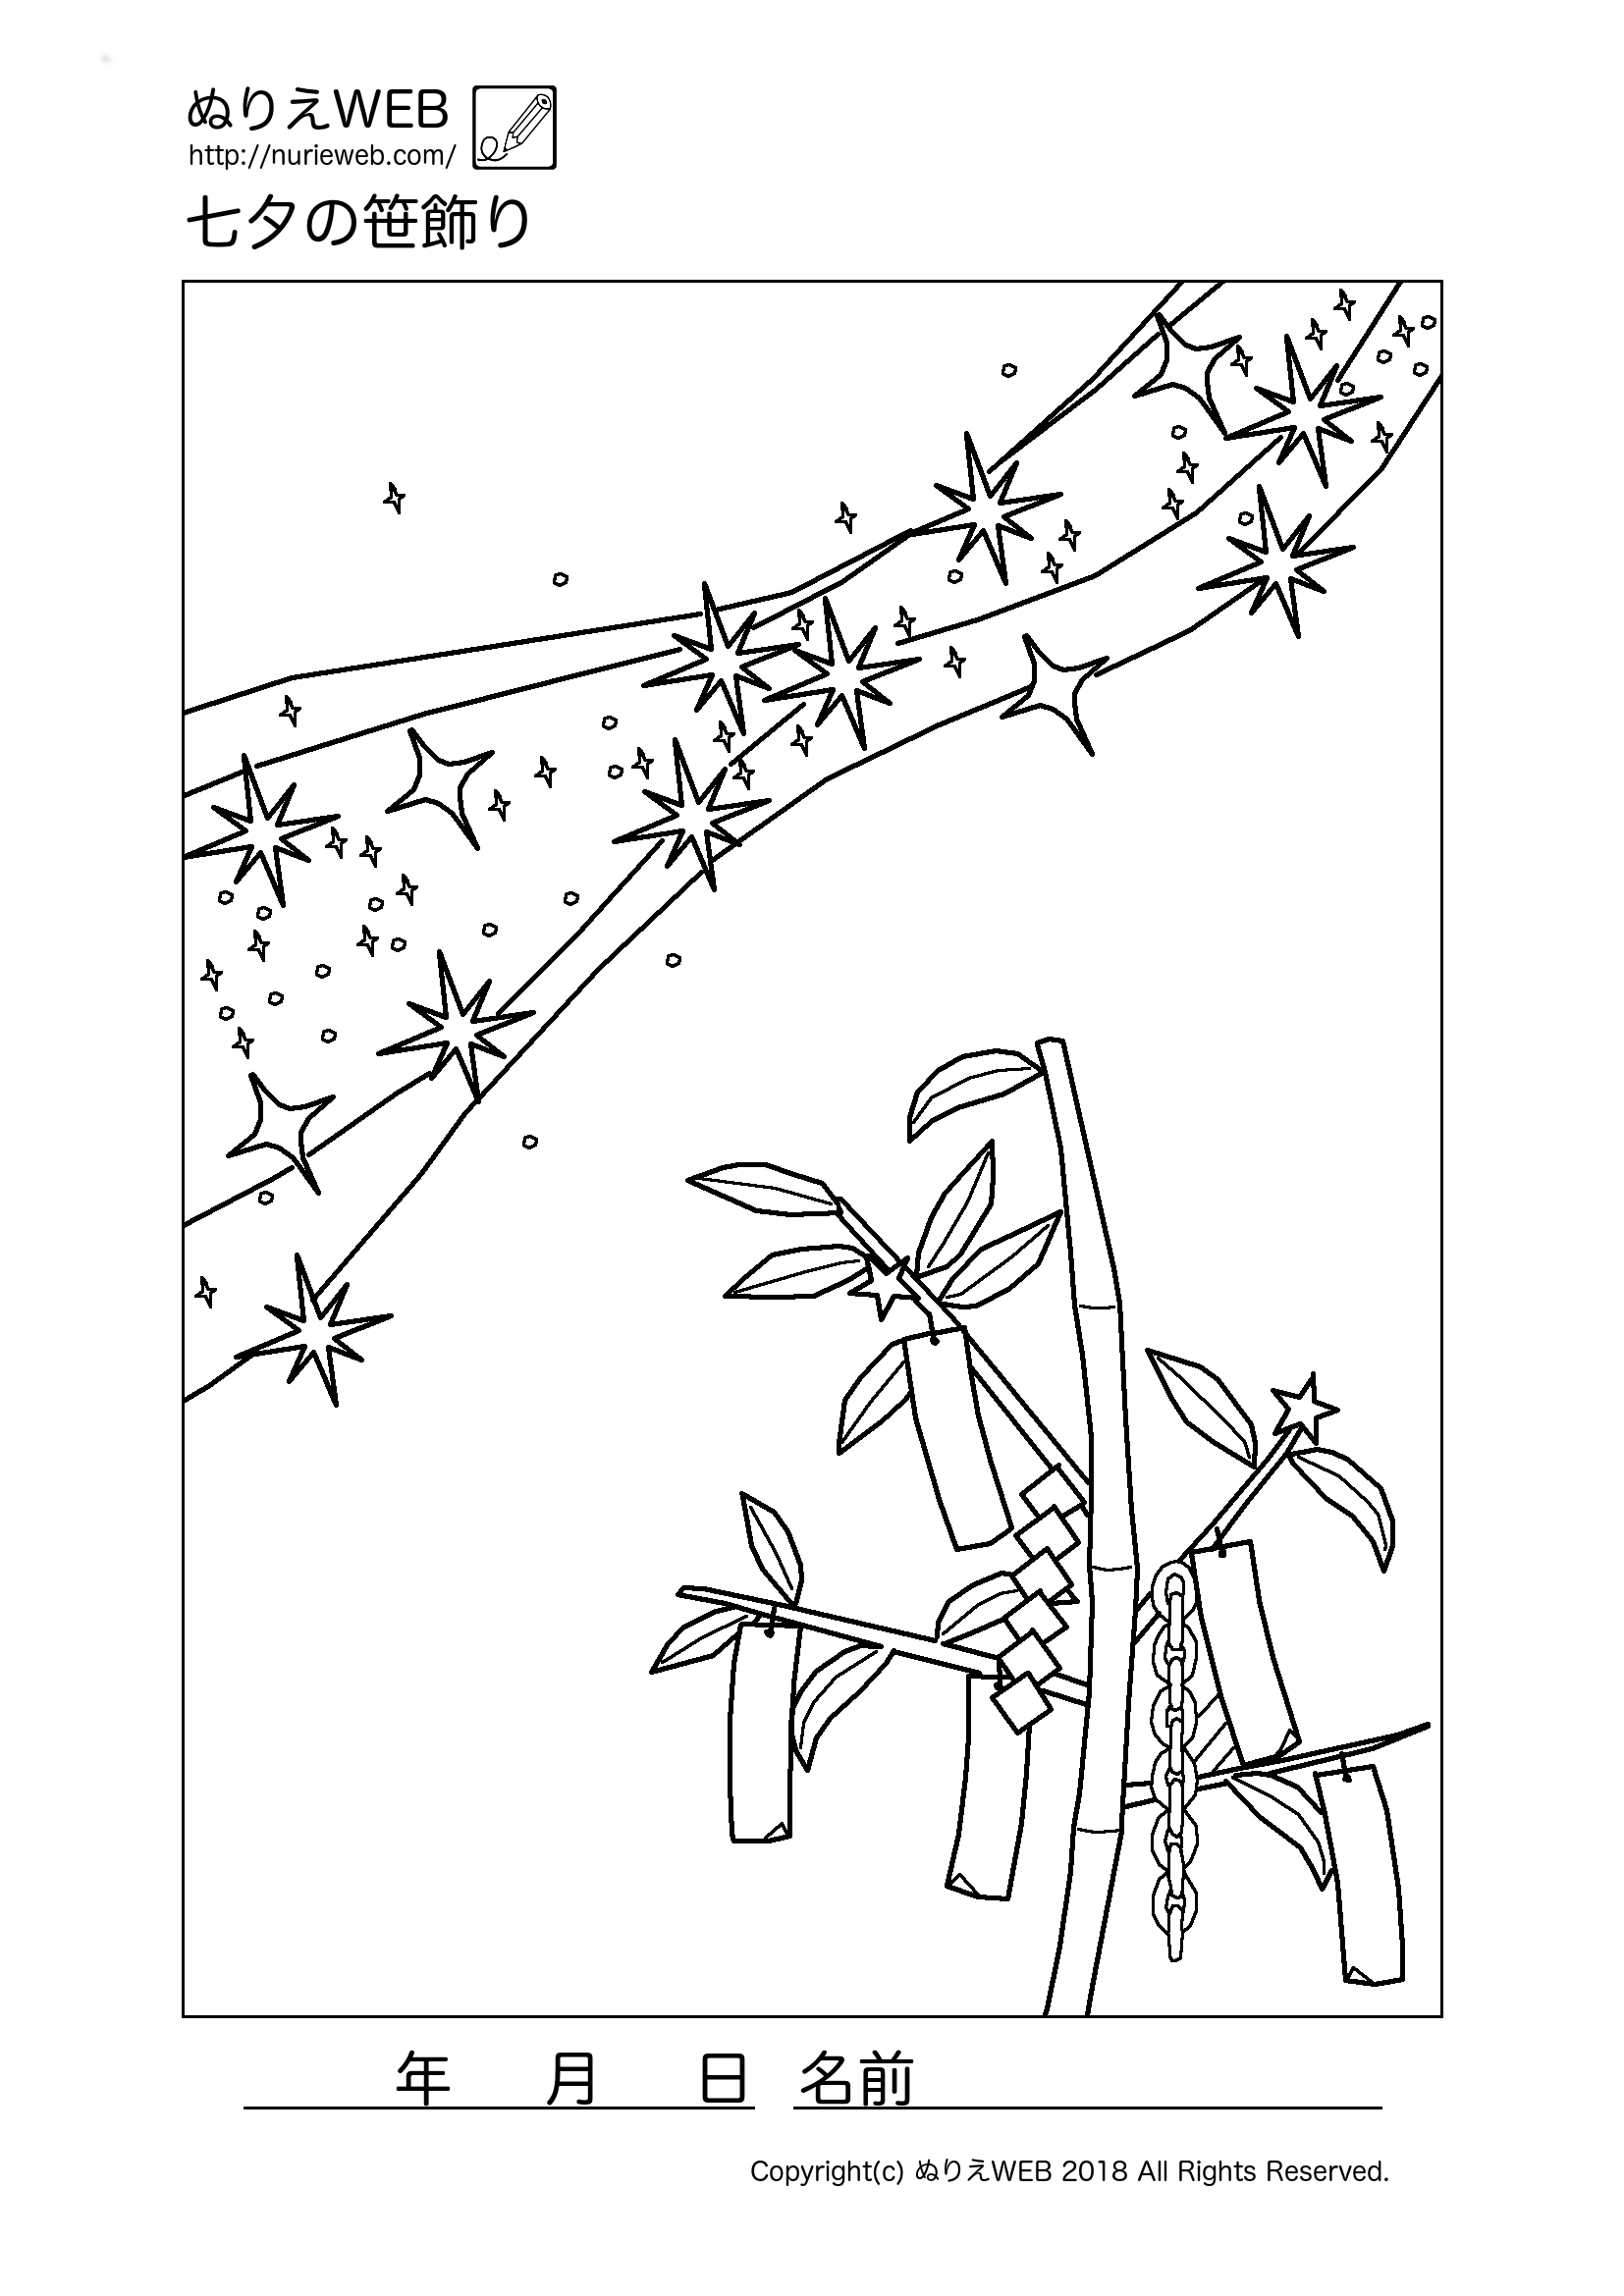 ぬりえweb七夕の笹飾りの塗り絵 ぬりえweb コレクション Home